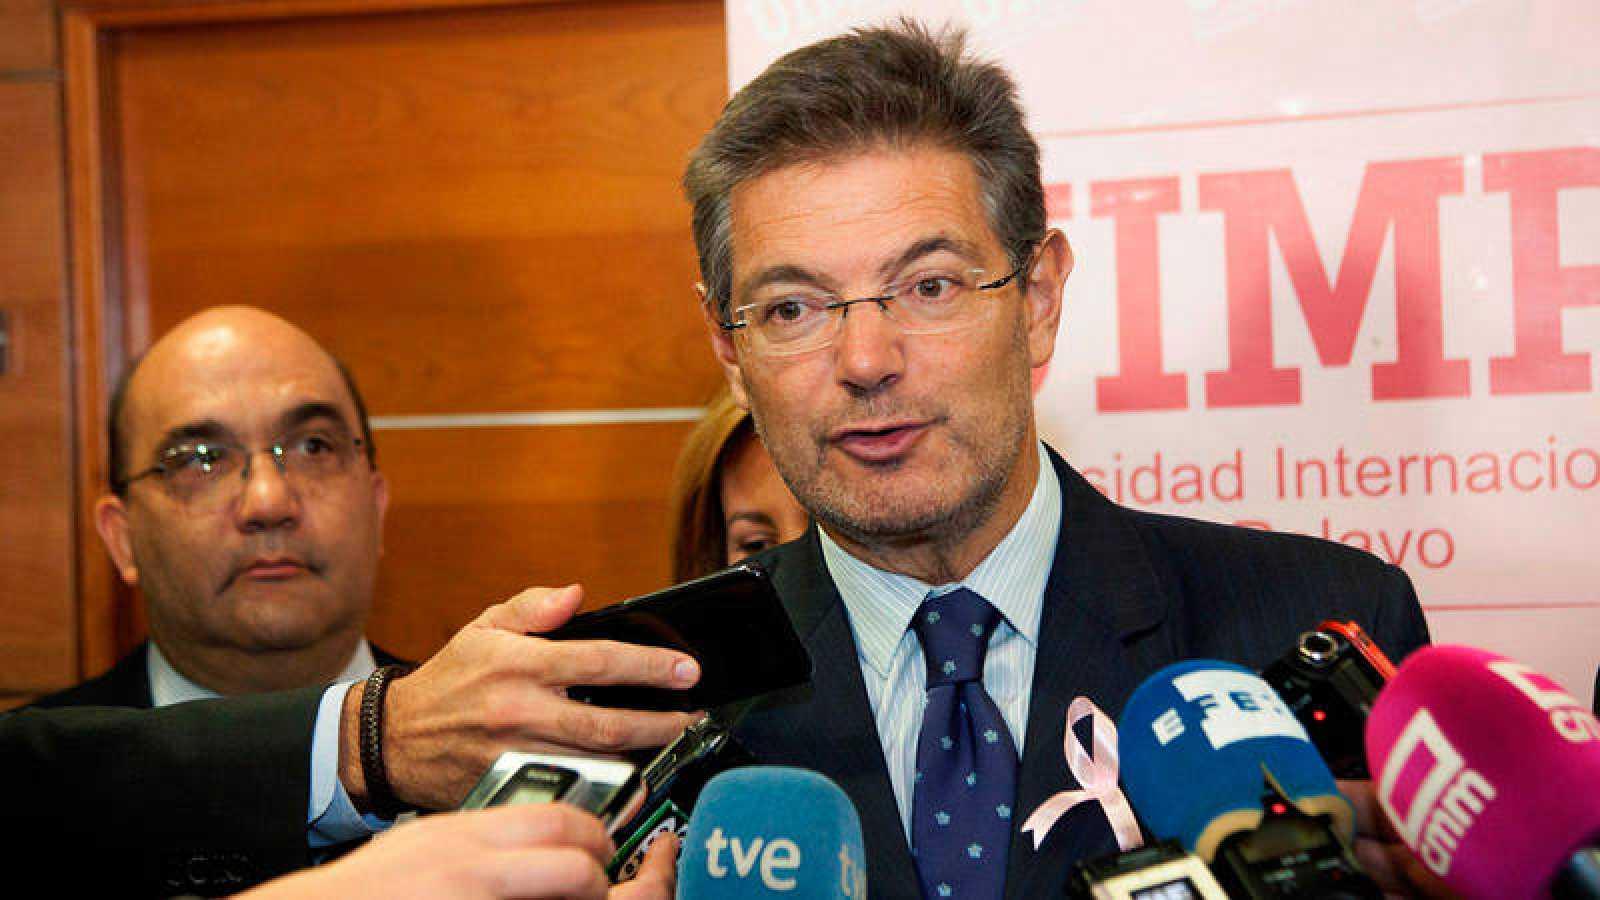 El ministro de Justicia Rafael Catalá interviene en unas jornadas de la Universidad Internacional Menéndez Pelayo en Cuenca